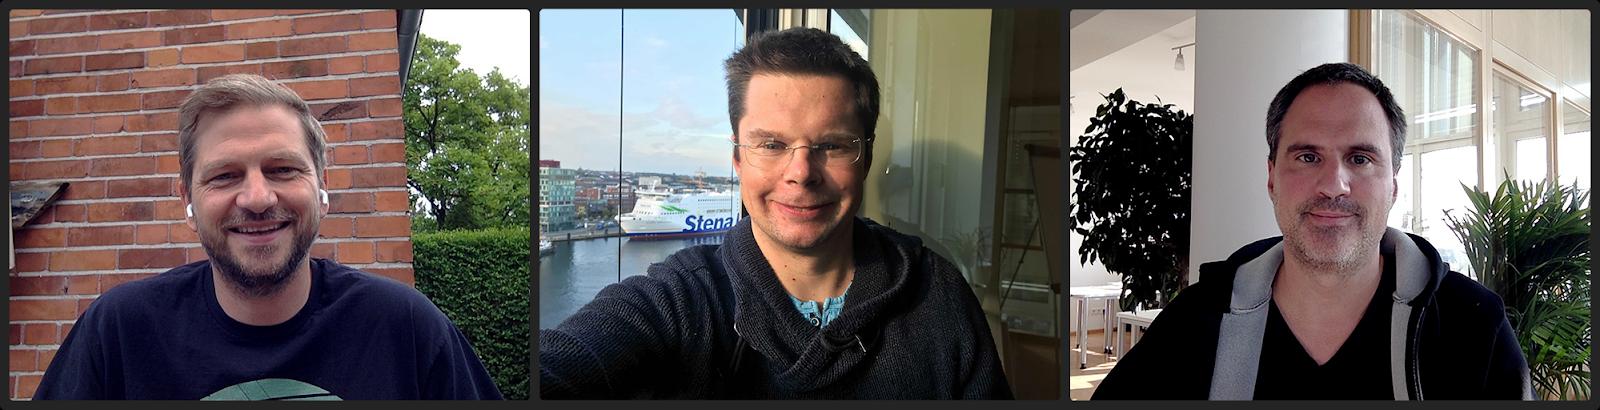 Gitpod Founders: Sven Efftinge, Moritz Eysholdt, Dr. Jan Köhnlein